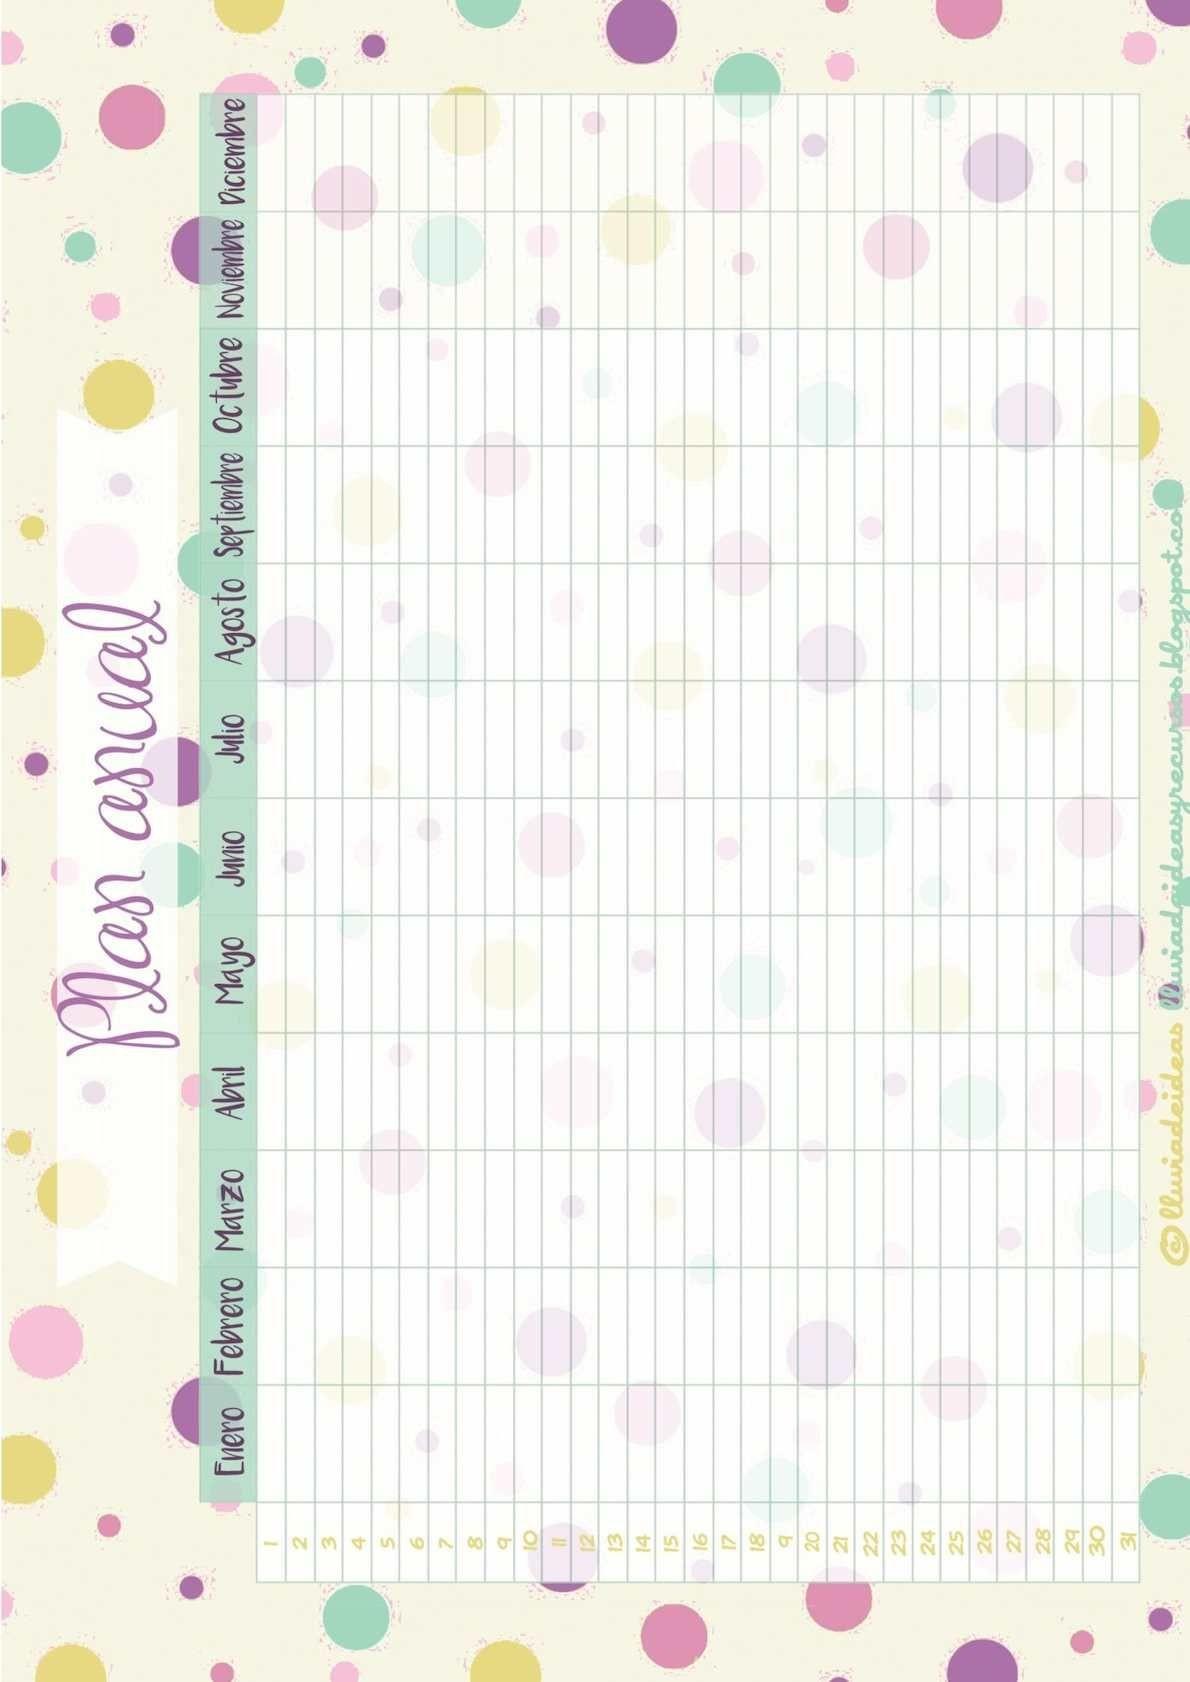 Calendario 2019 Septiembre Más Recientes Pack Descargable Planifica Tu A±o 2016 Pinterest Of Calendario 2019 Septiembre Más Actual Calendario Laboral Boe 2019 Seonegativo